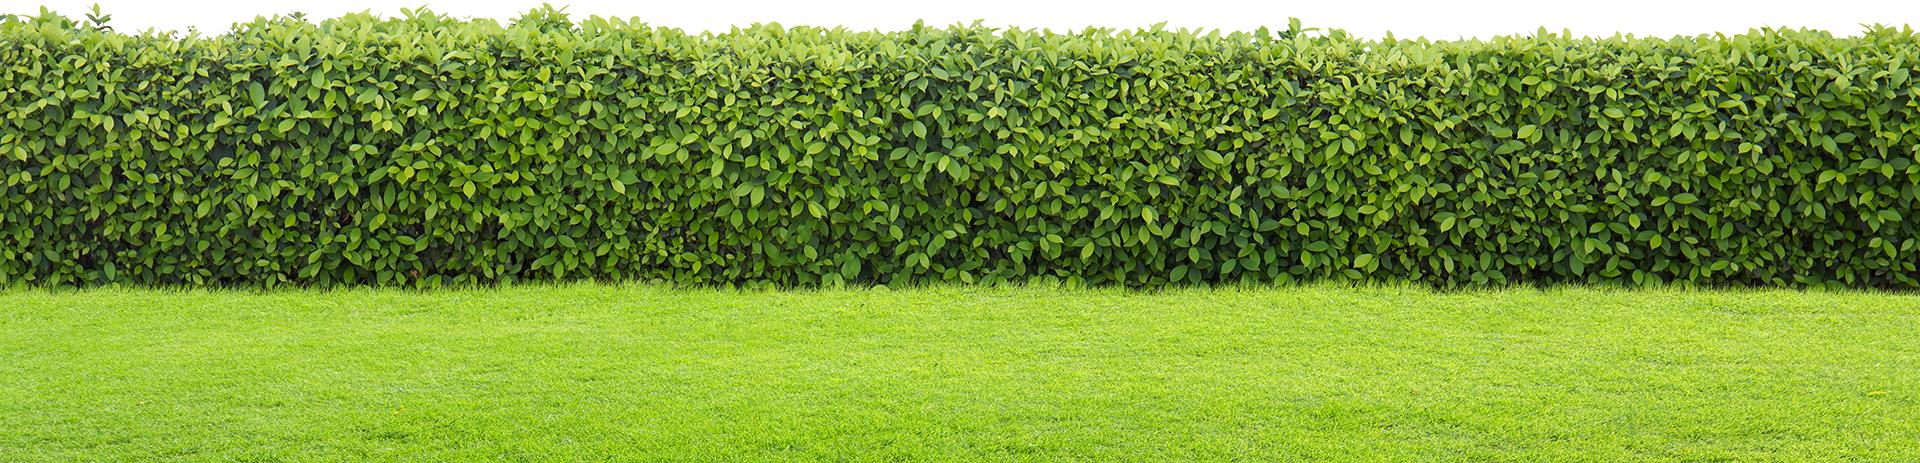 Tuinen Juwet, Maarten Juwet, tuinaanleg, tuinonderhoud